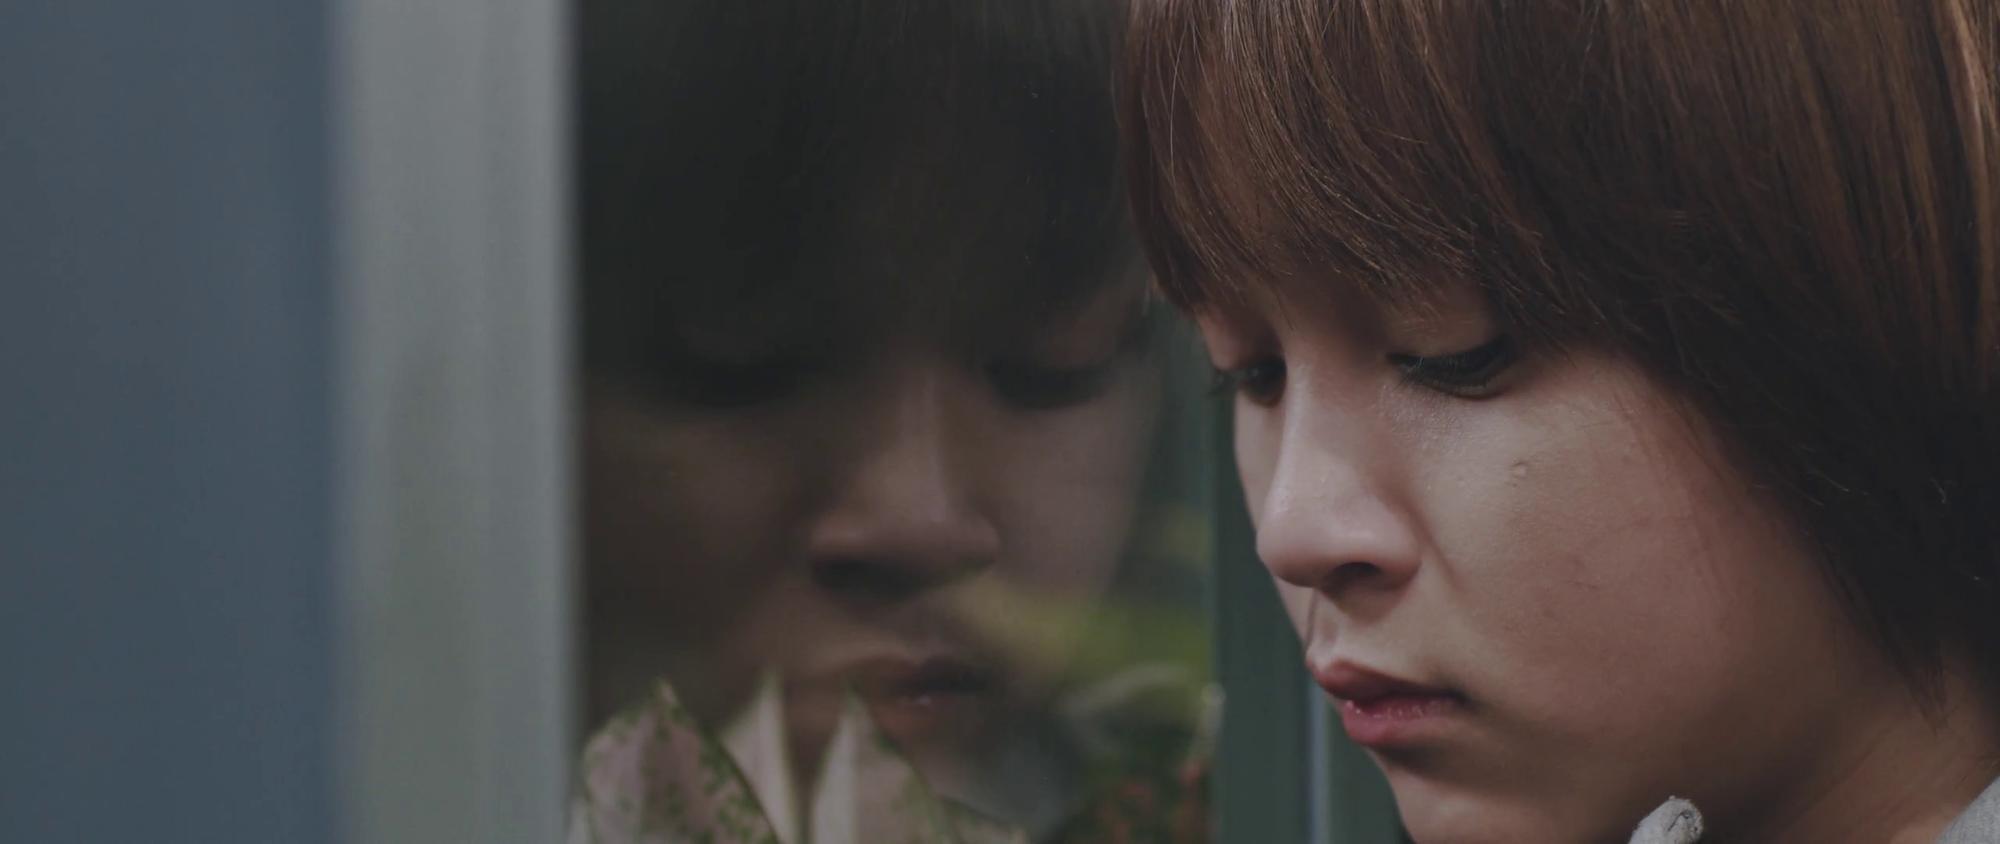 Cậu bé đáng yêu như thiên thần trong MV Đã lỡ yêu em nhiều của JustaTee là ai?-5